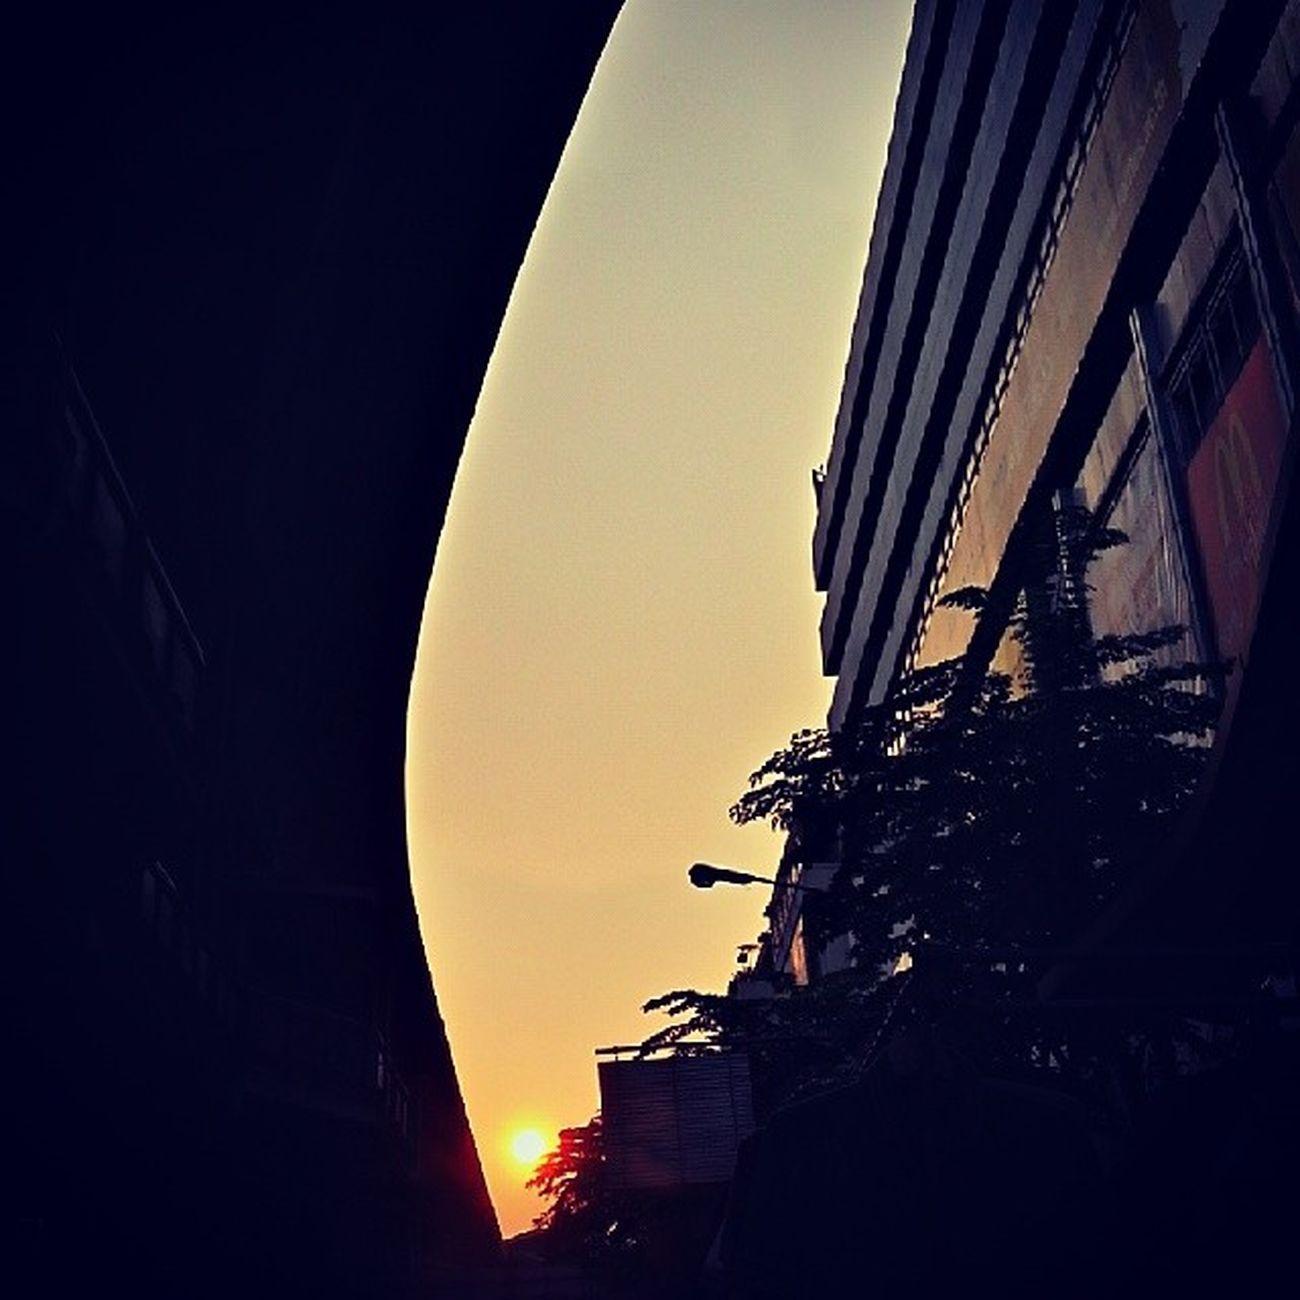 ตะวันลับตา ท้องฟ้าก็ทาสีดำ Sunset